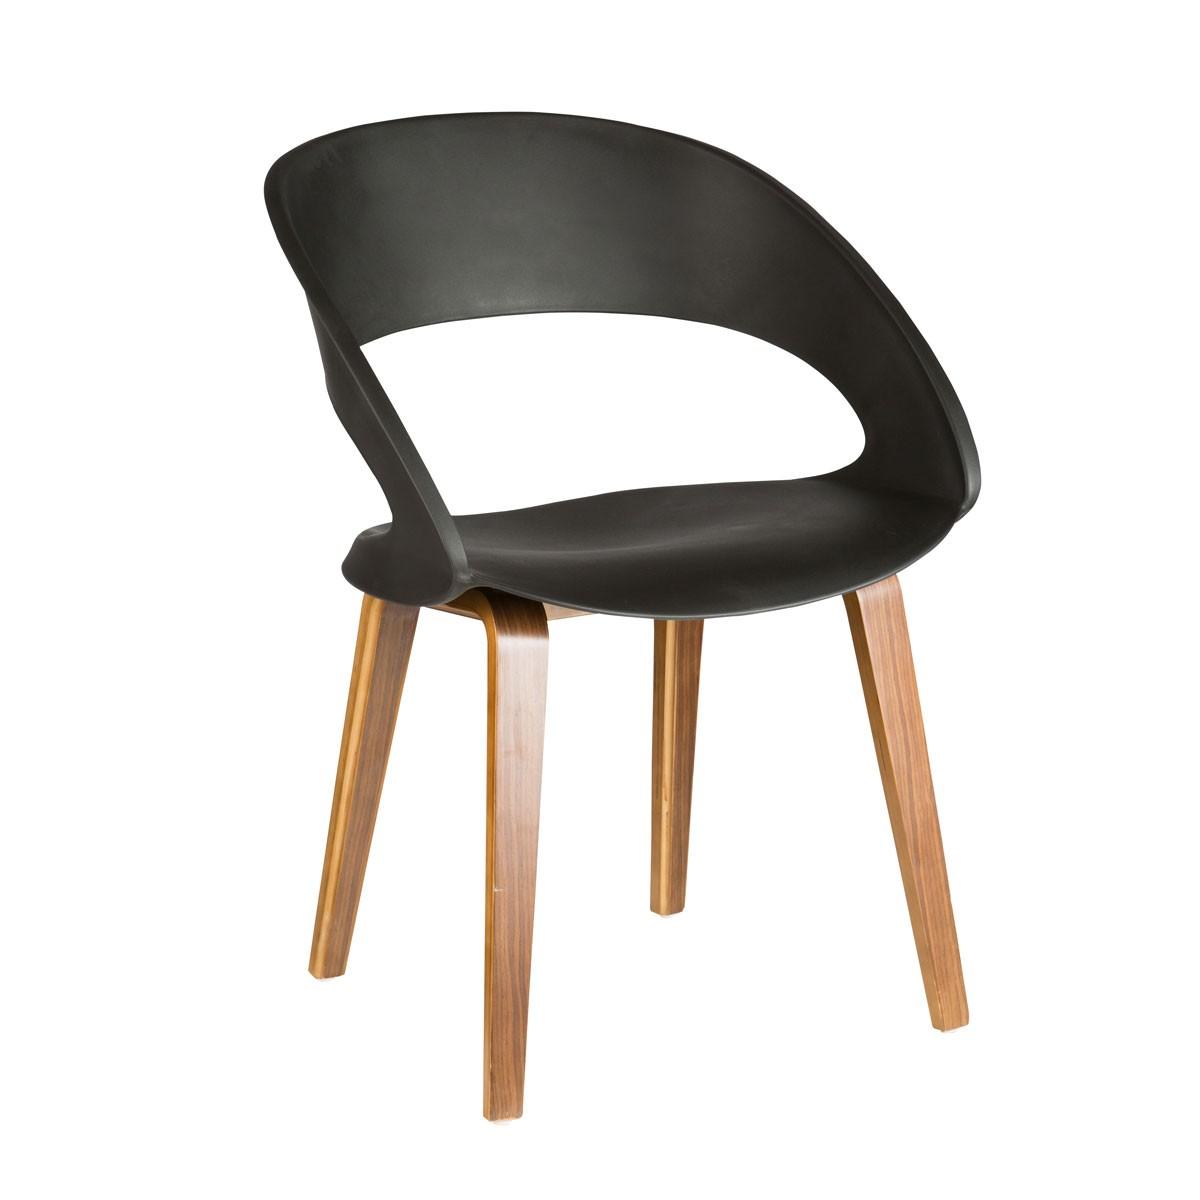 Chaise design raff pieds bois en noir ymg 9307b for Chaise noir pied bois